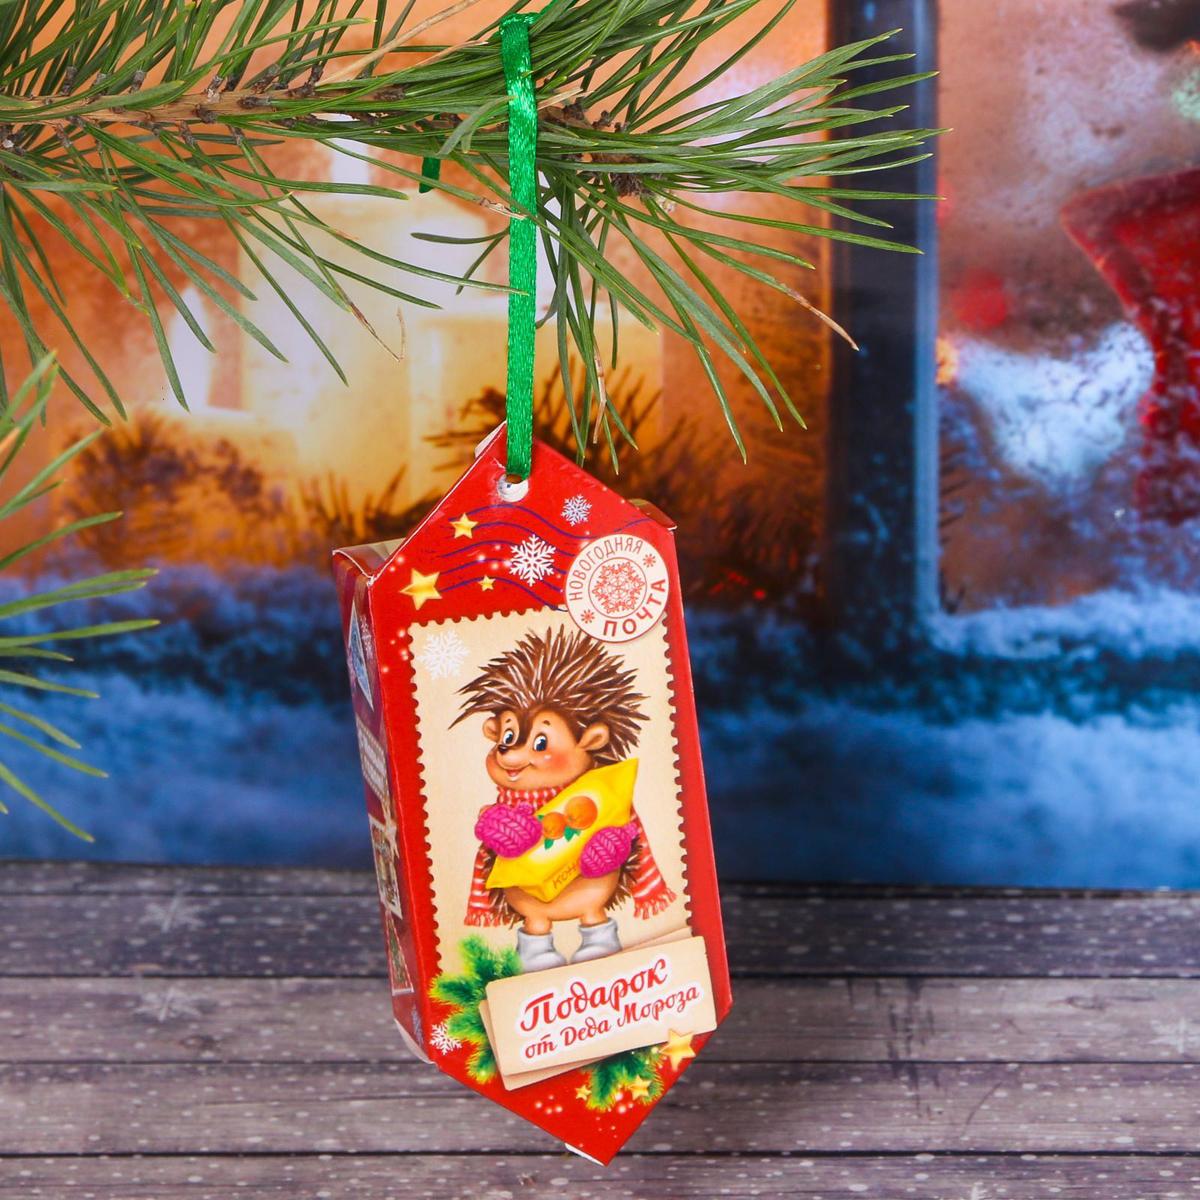 Украшение новогоднее подвесное Sima-land Подарок от Деда Мороза, 14 см х 13 см, 6 шт2196284Новогодние украшения Sima-land изготовлены из пластика. Изделия имеют плотный корпус, поэтому не разобьются при падении.Невозможно представить нашу жизнь без праздников! Новогодние украшения несут в себе волшебство и красоту праздника. Создайте в своем доме атмосферу тепла, веселья и радости, украшая его всей семьей.